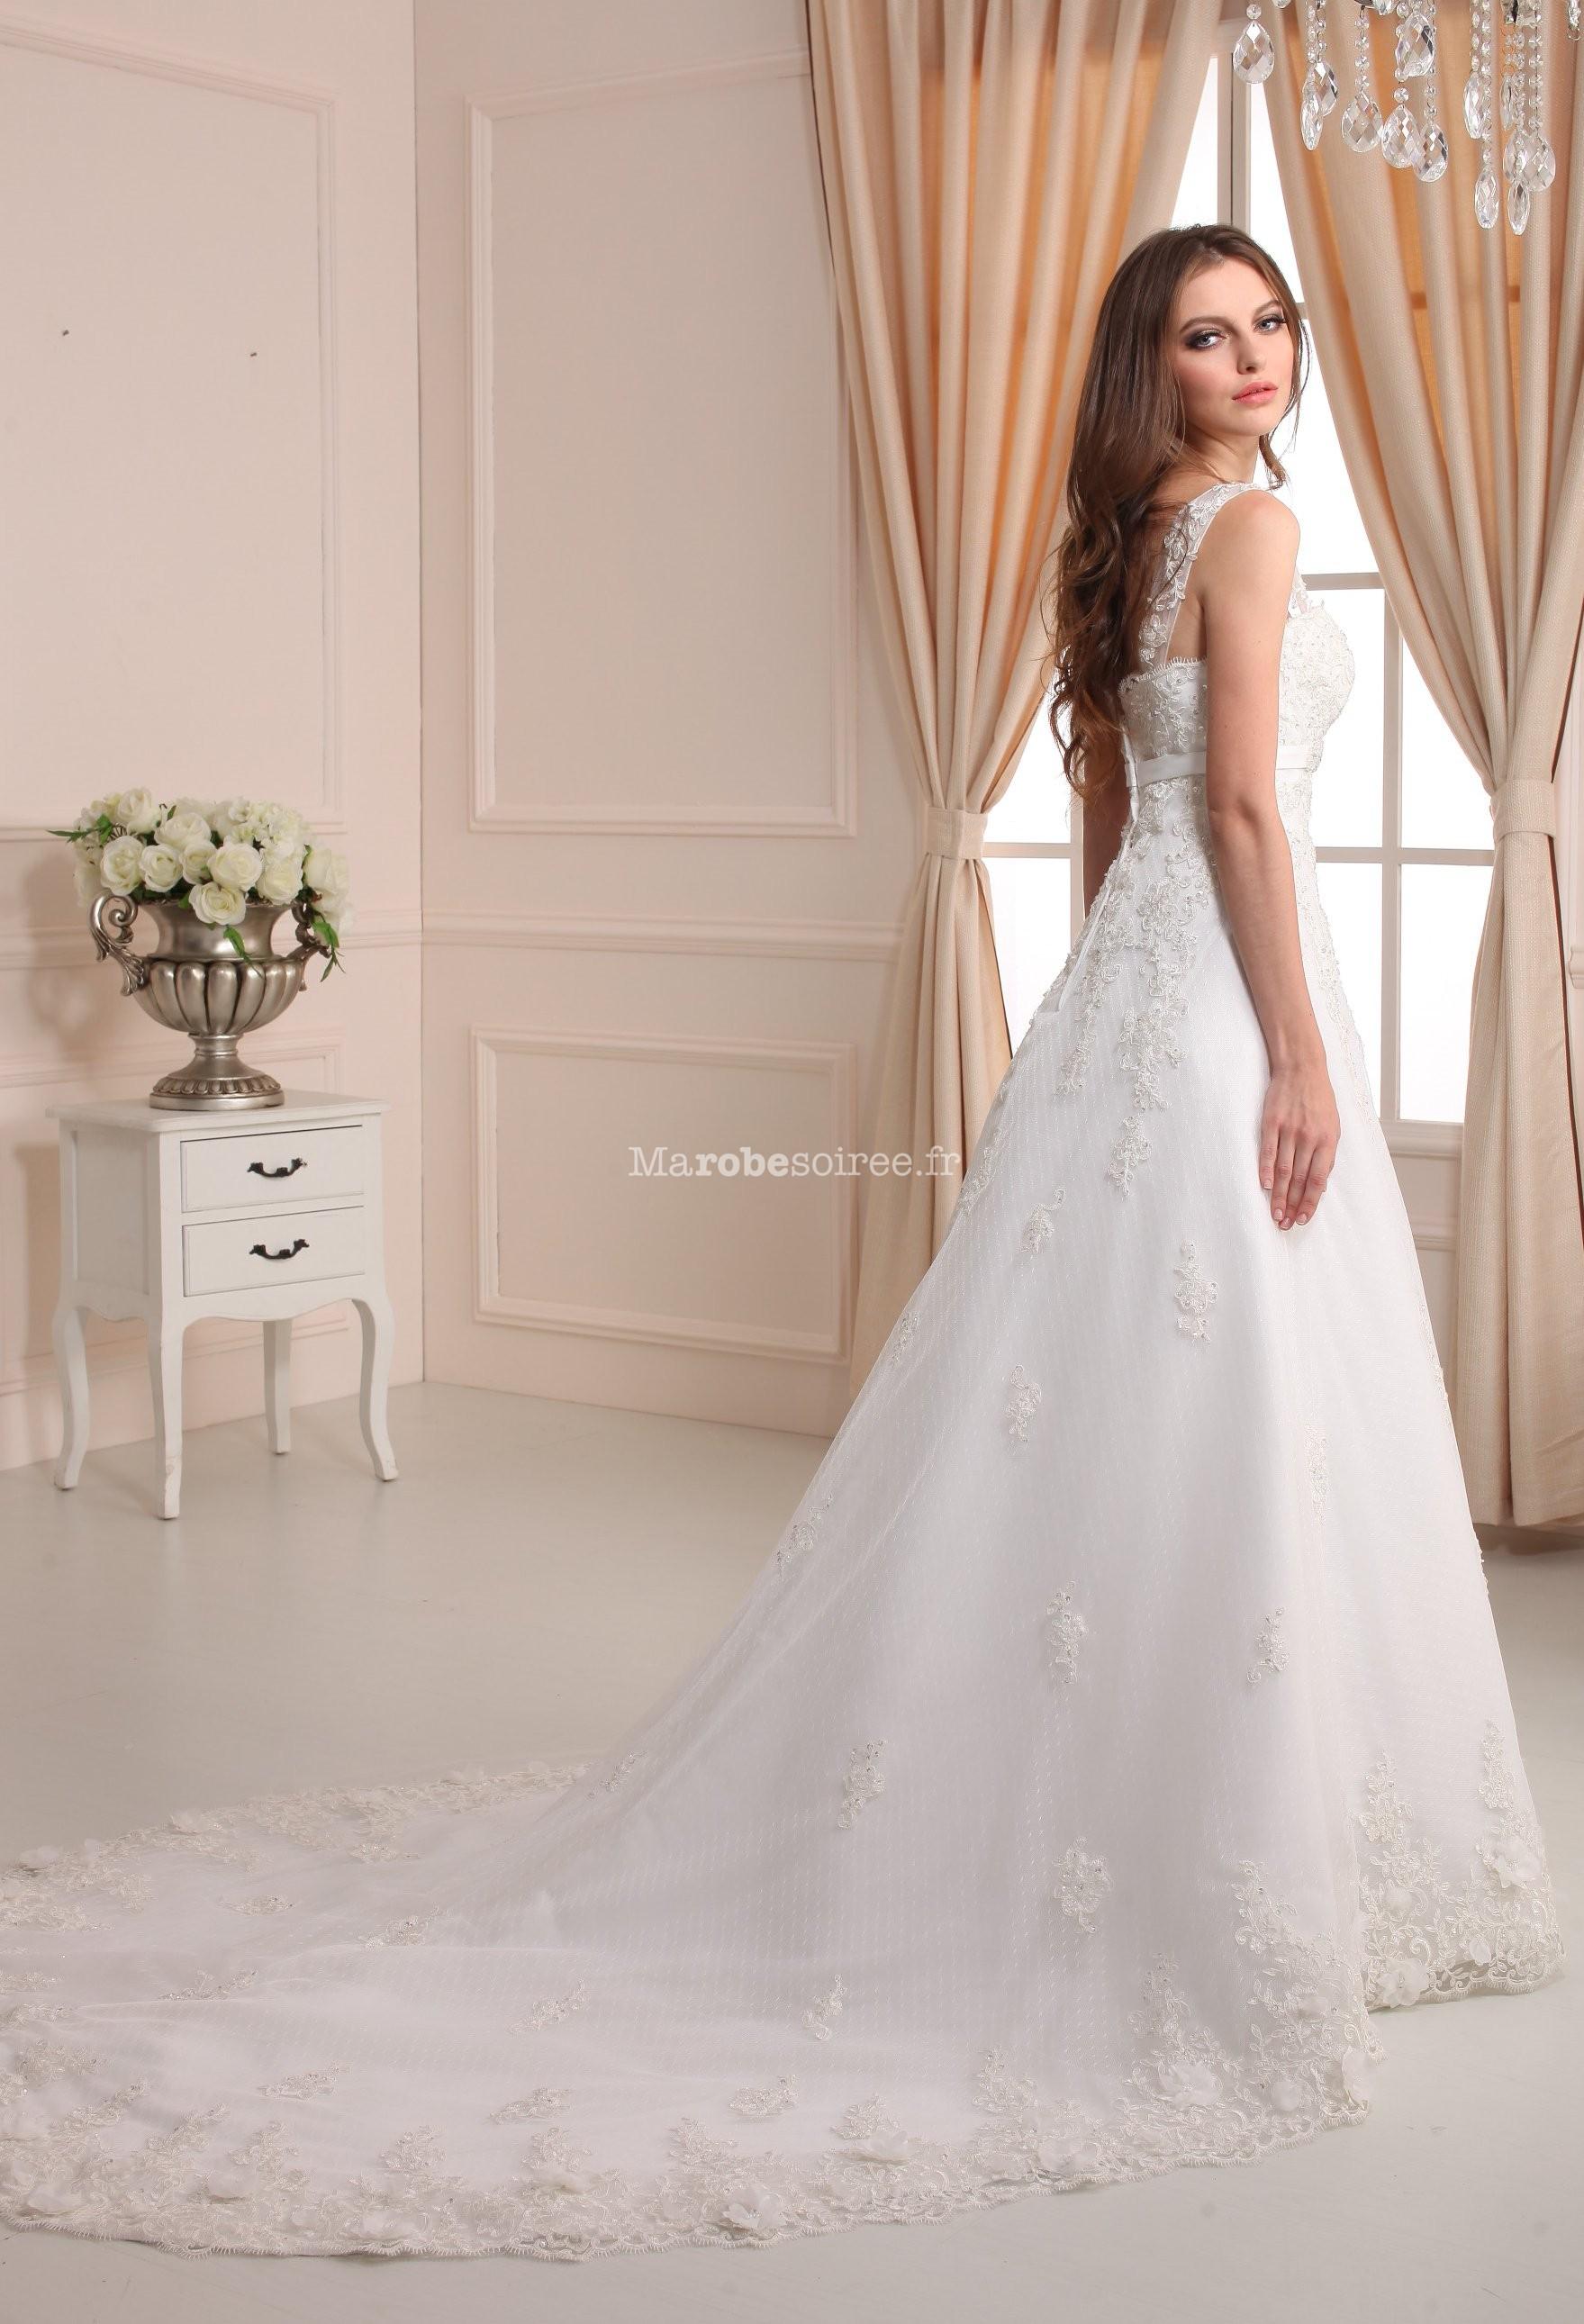 robe de mari e une manche en dentelle et strass. Black Bedroom Furniture Sets. Home Design Ideas